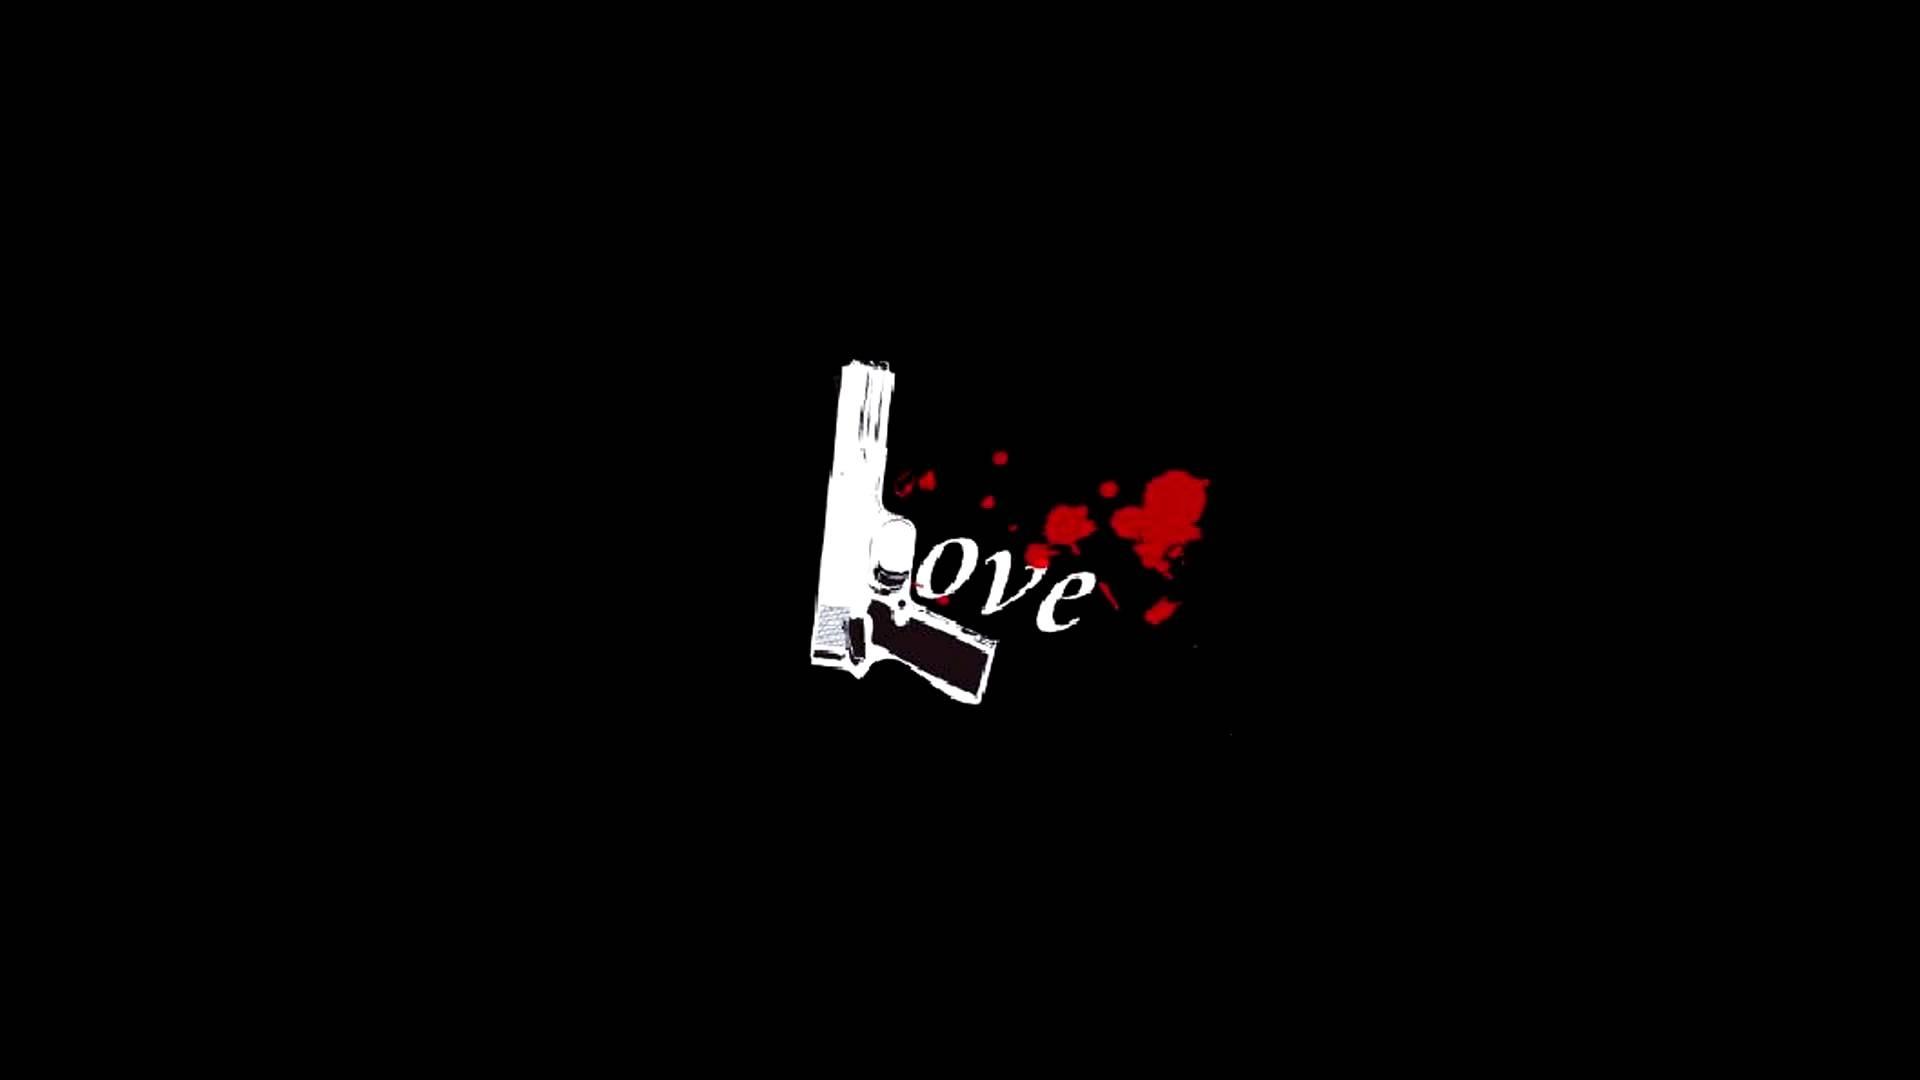 http://shbabbek.com/upload/كوارث العشق.. ومن الحب ما أدى للقتل والجنون والانتحار